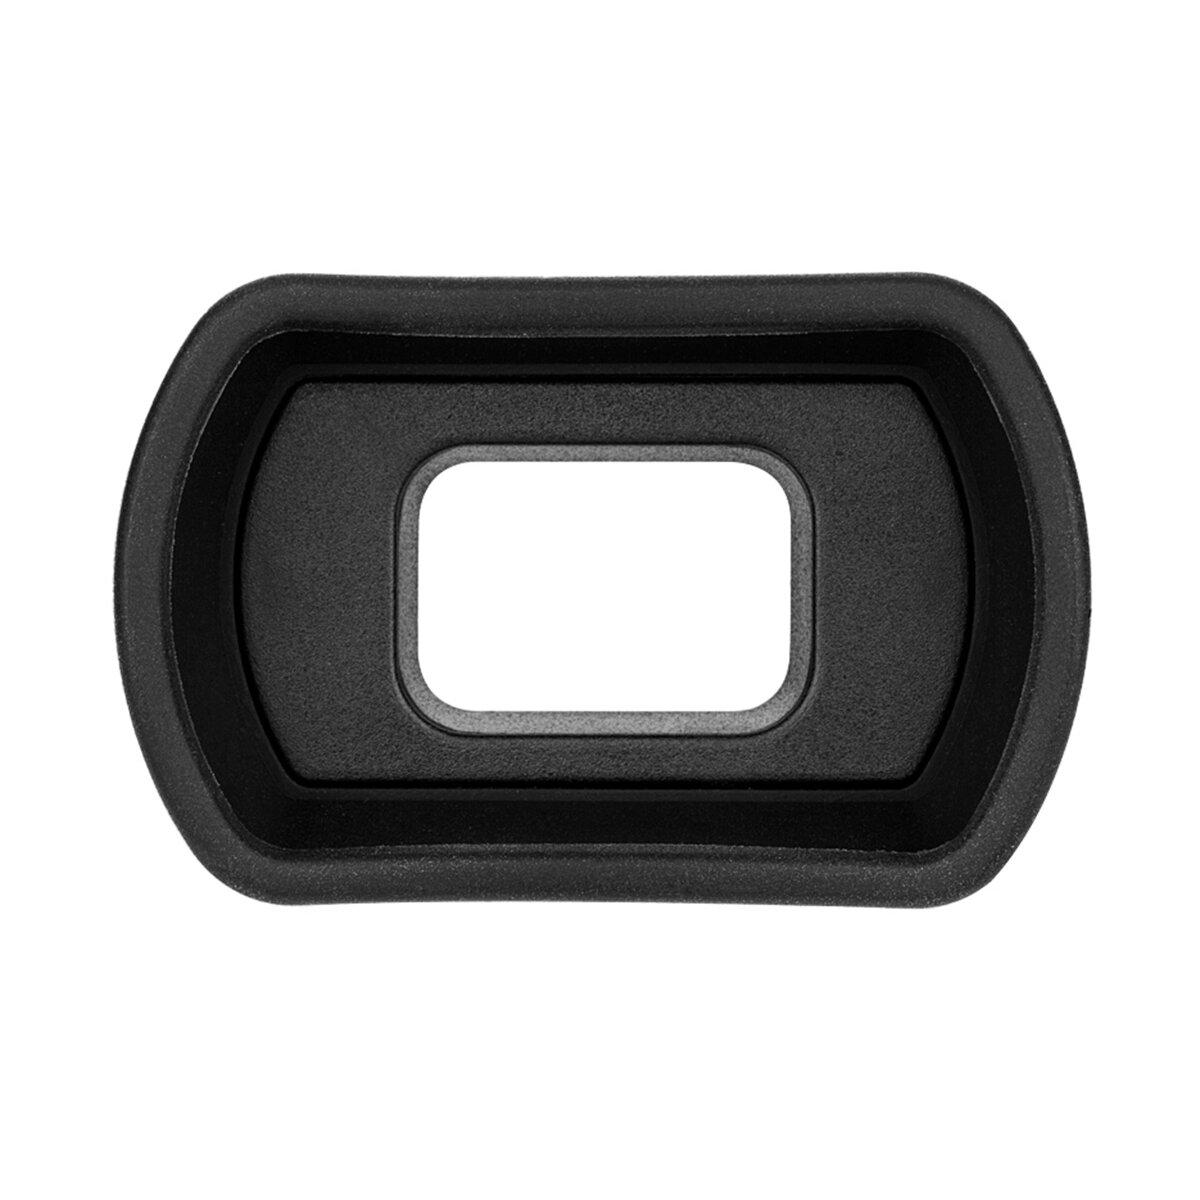 Kiwi Kamera-Augenmuschel KE-NKD | Geeignet für Nikon Kameras, Aus weichem Silikon, Sehr komfortabel, Ersatz für Nikon DK-20/21/23/24/25/28